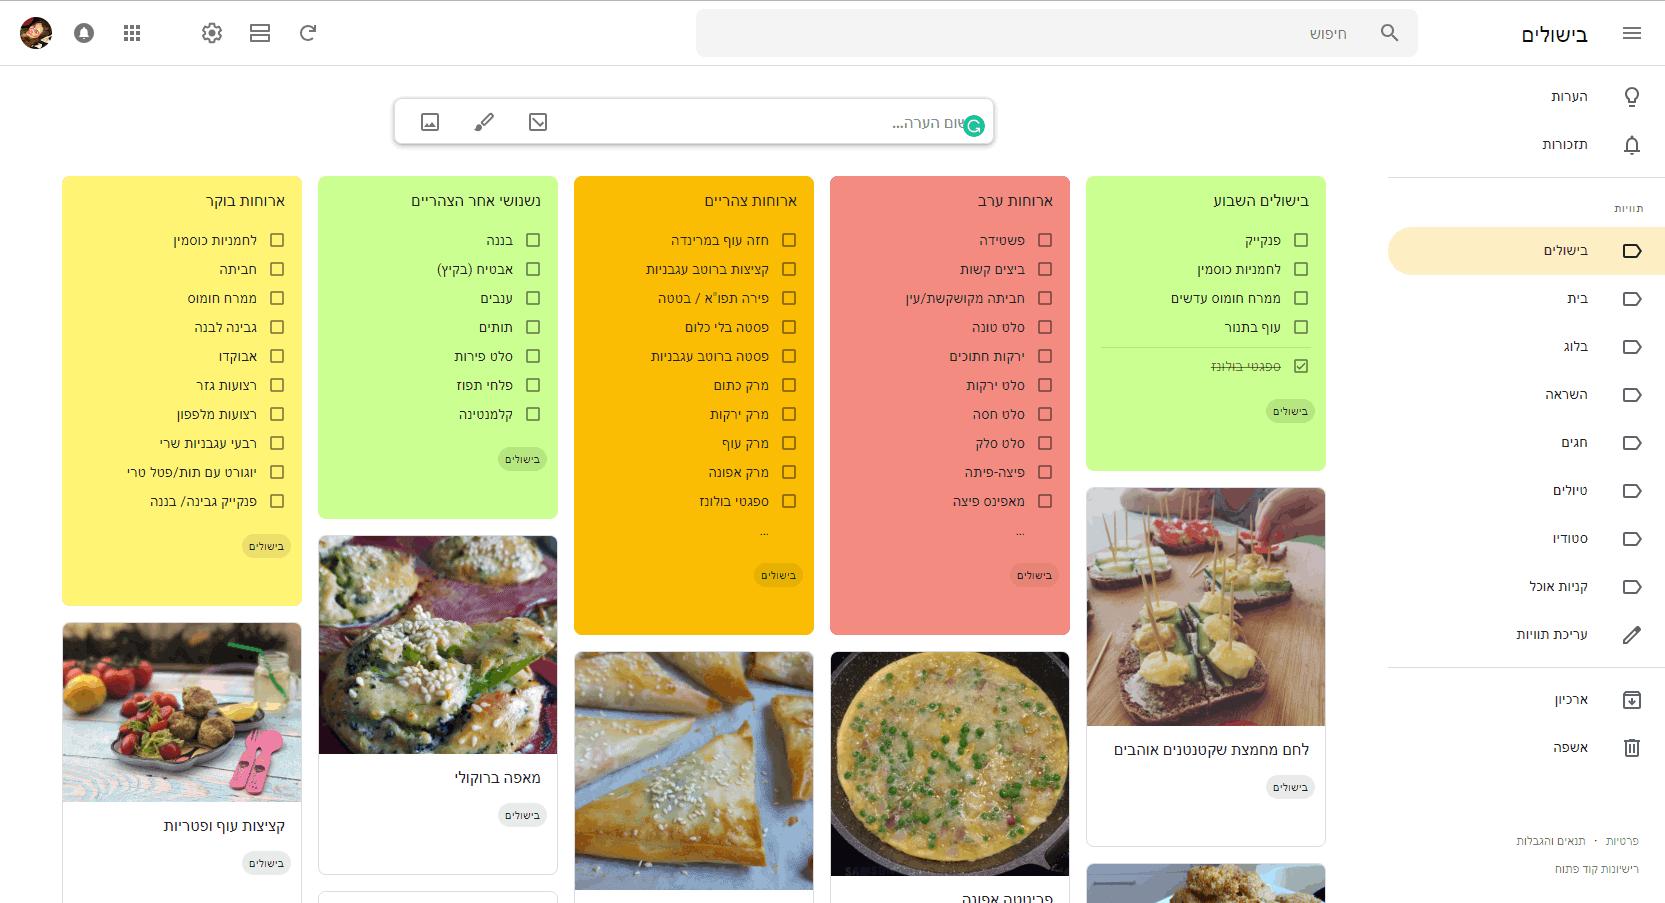 רשימת רעיונות קבועה לכל ארוחה ביום